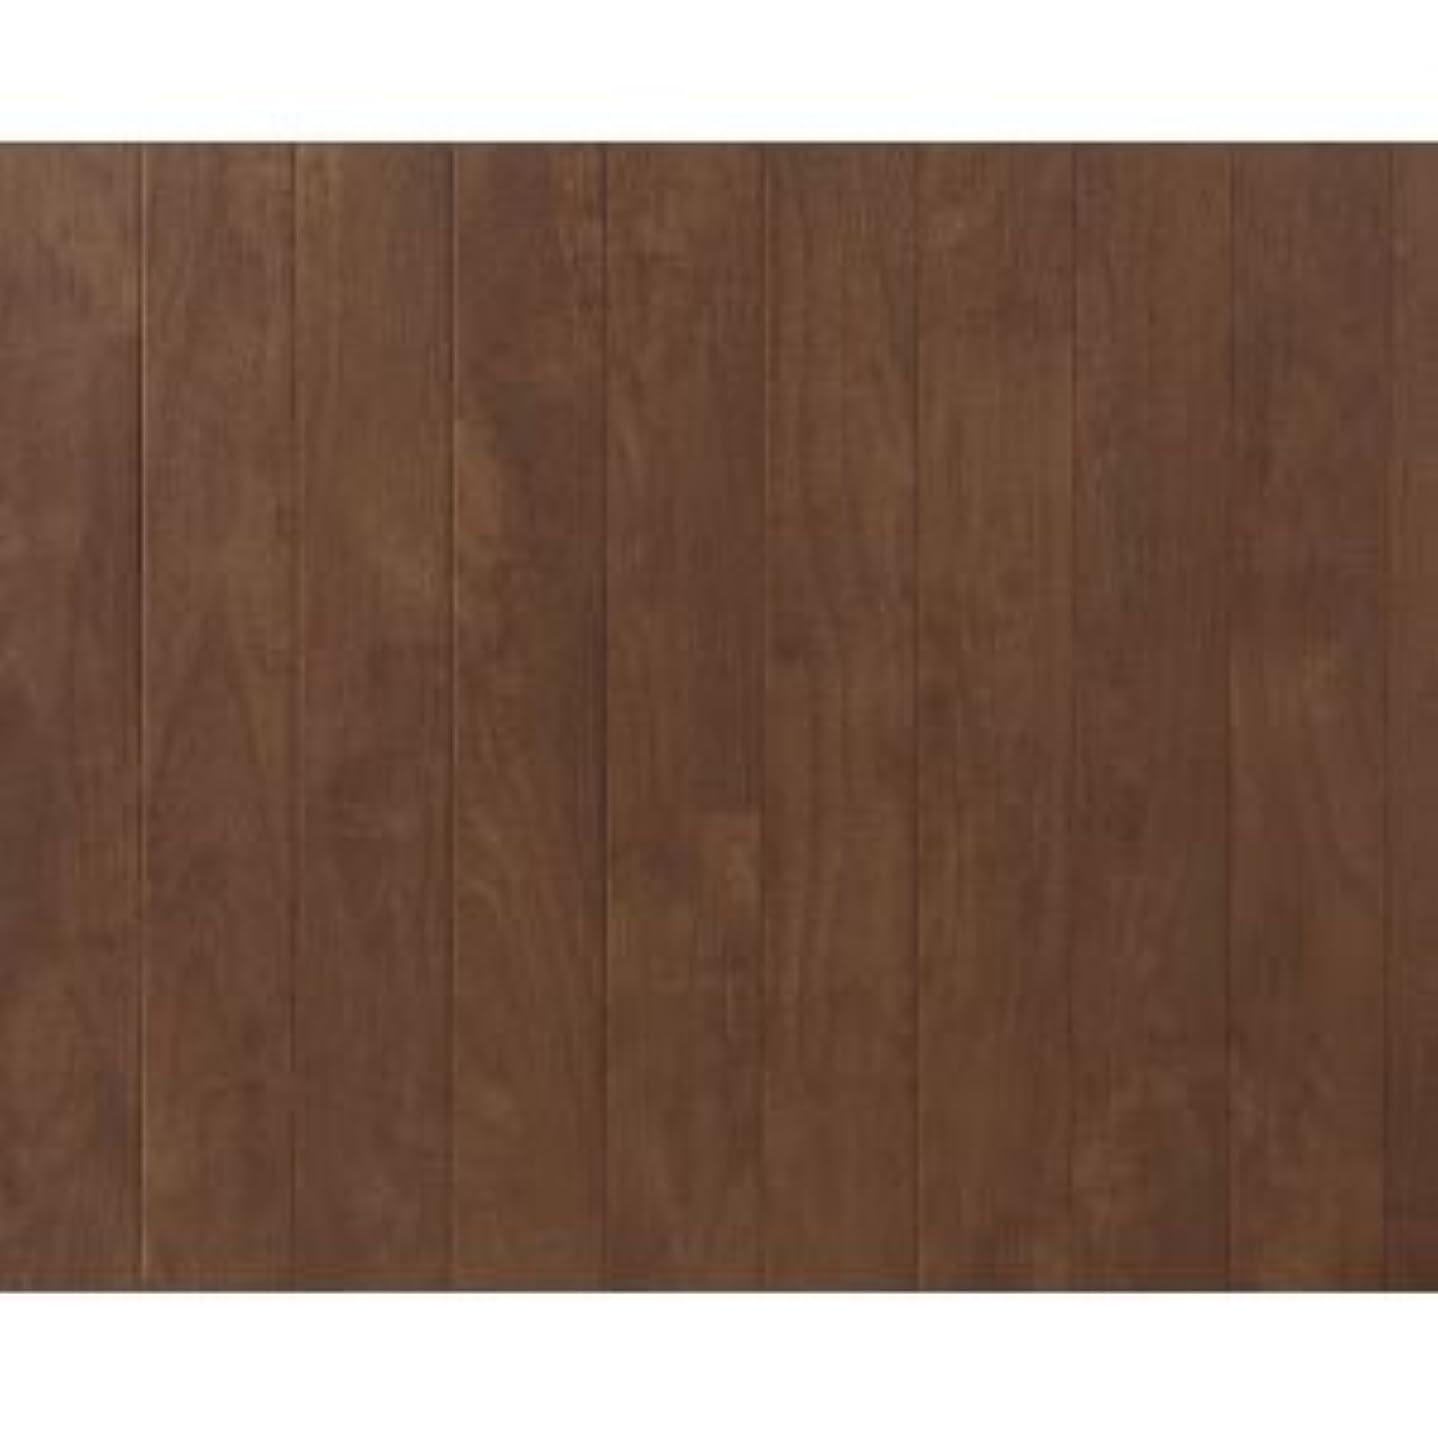 チャットコインランドリー望まない東リ クッションフロア ニュークリネスシート バーチ 色 CN3107 サイズ 182cm巾×9m 〔日本製〕